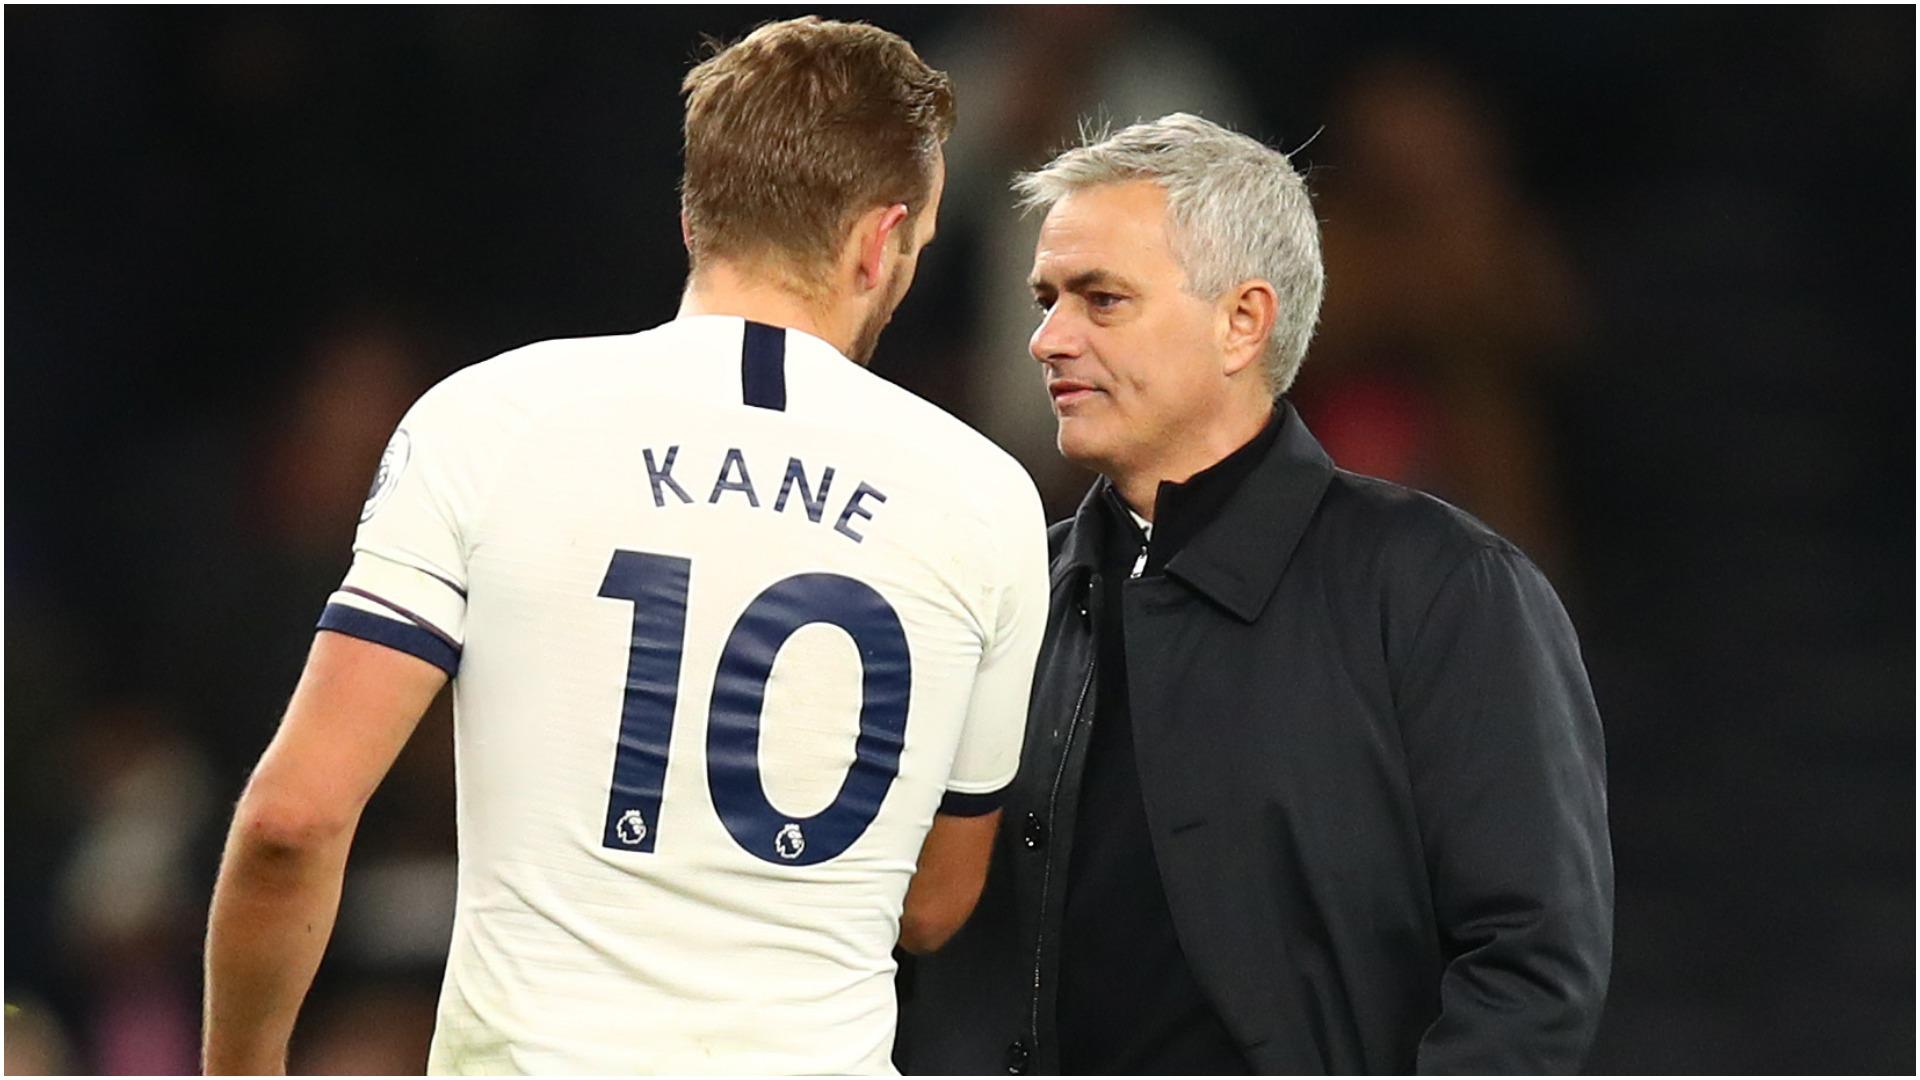 Llogaritë e kapitenit, Kane: Vetëm kështu kualifikohemi në Champions